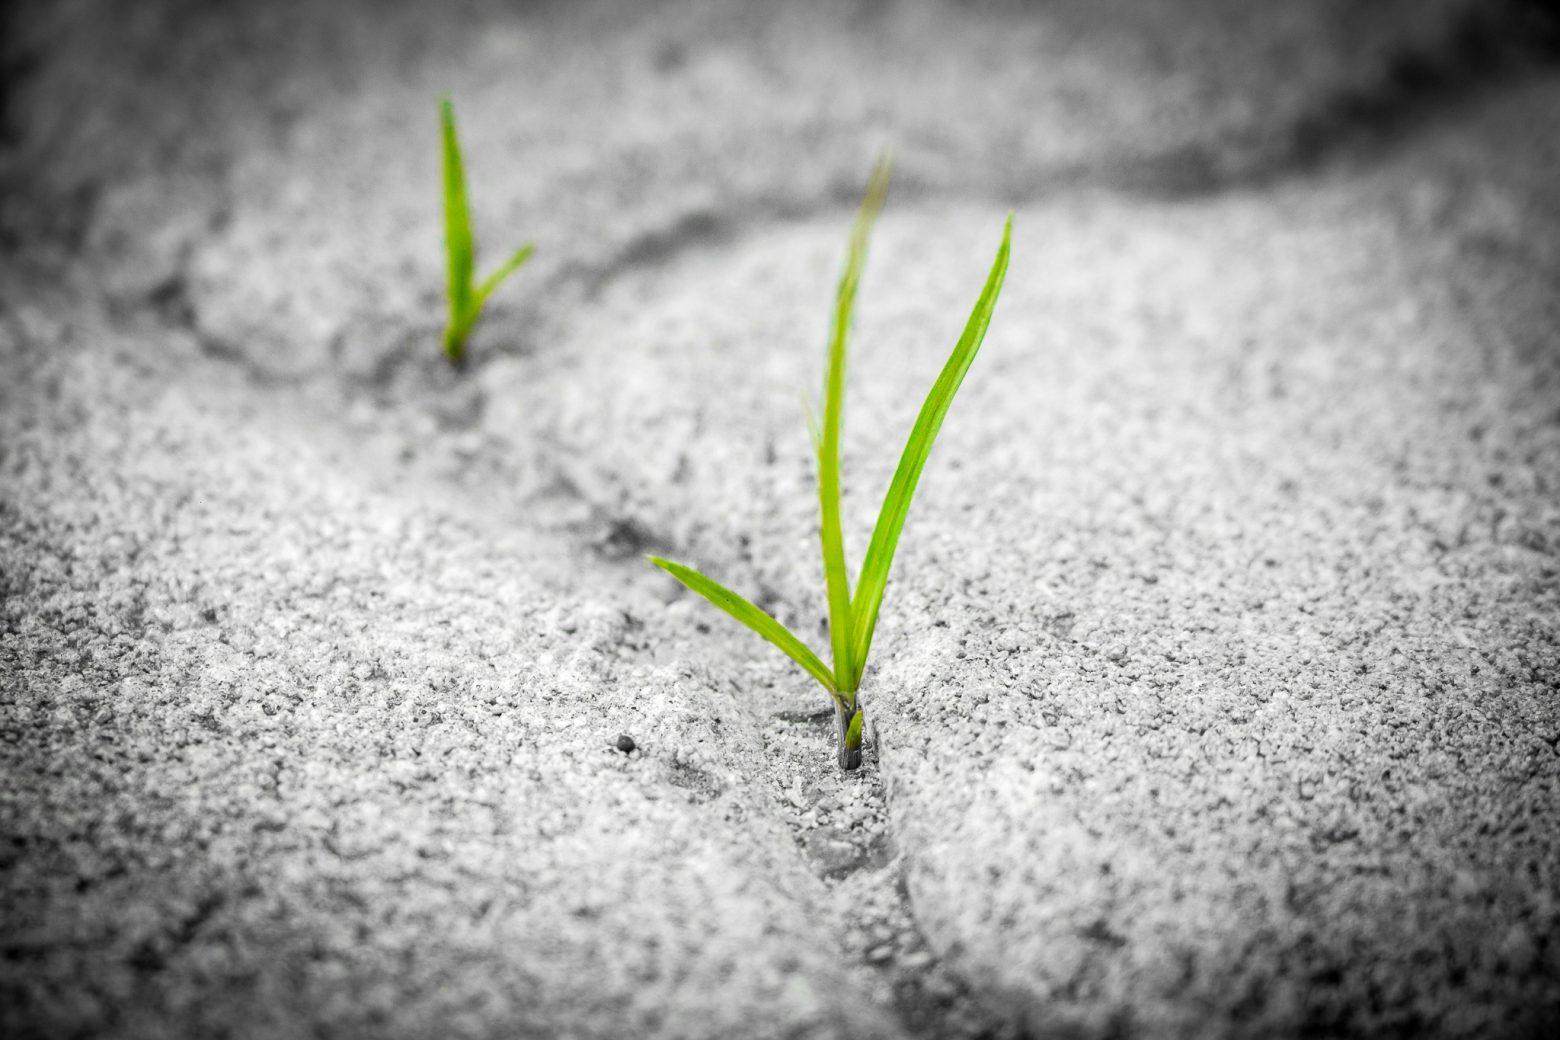 grass-1913167